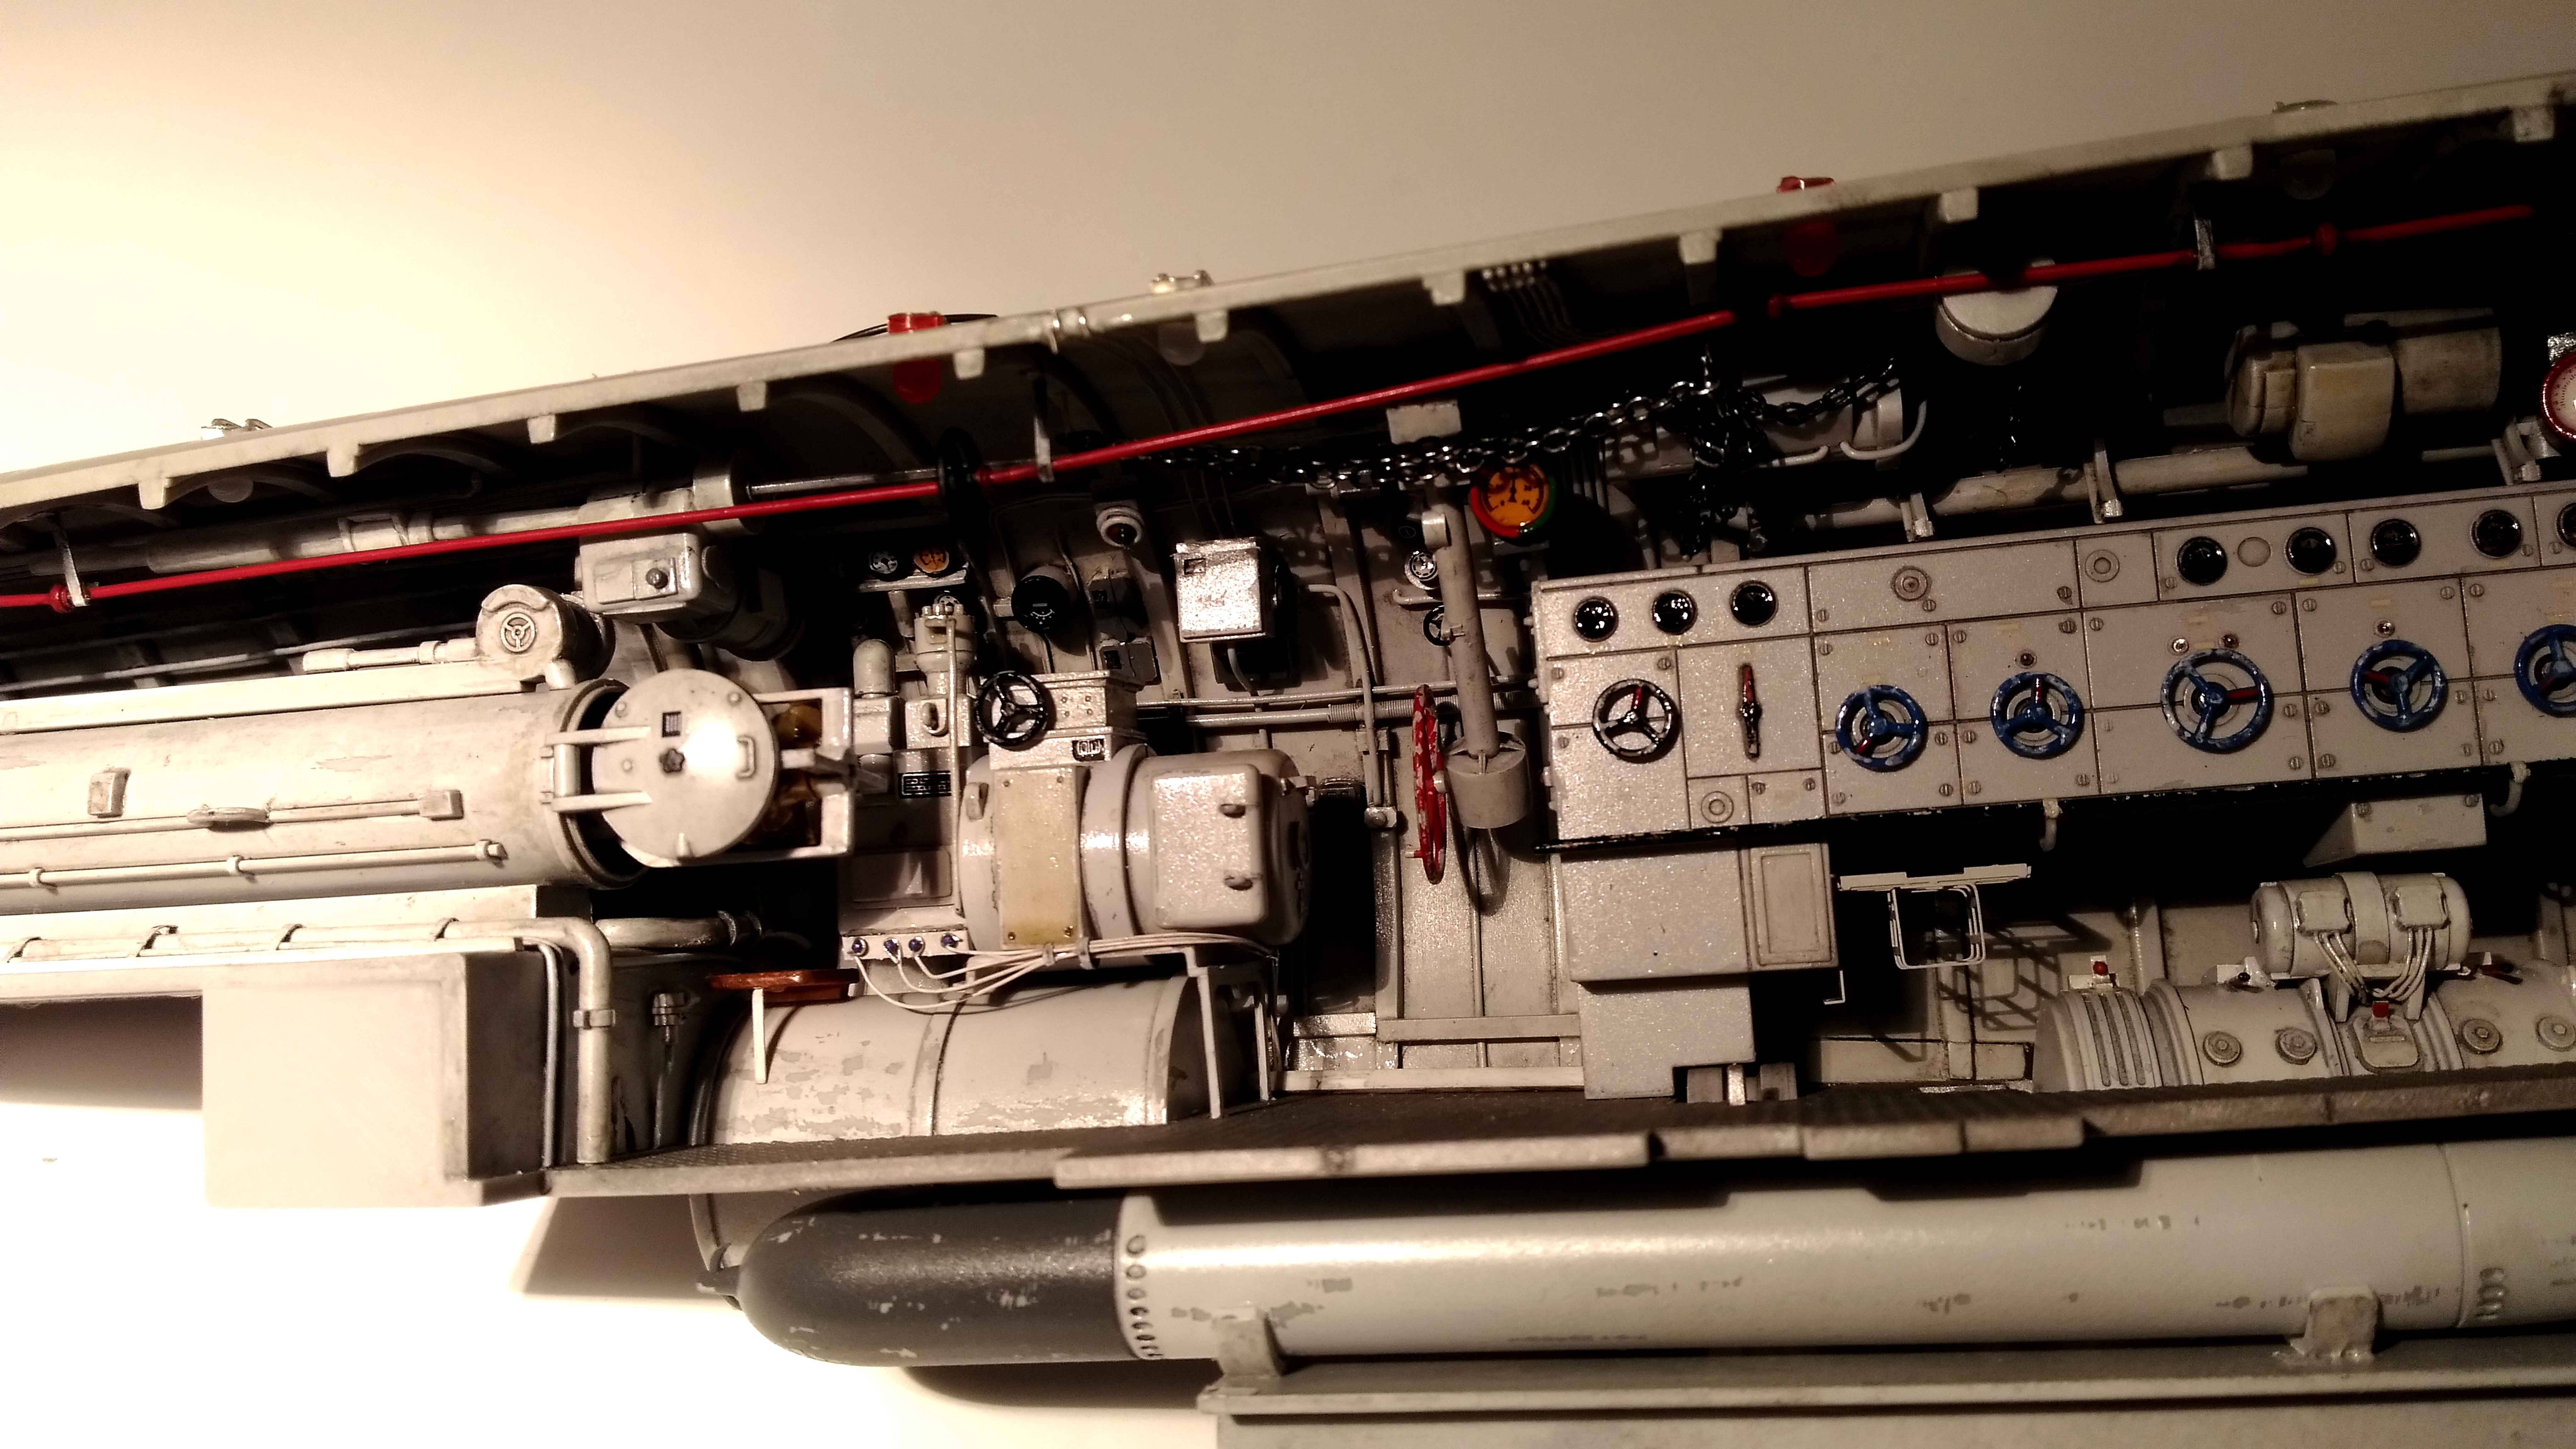 U-552 TRUMPETER Echelle 1/48 - Page 6 18012809532123648415509990